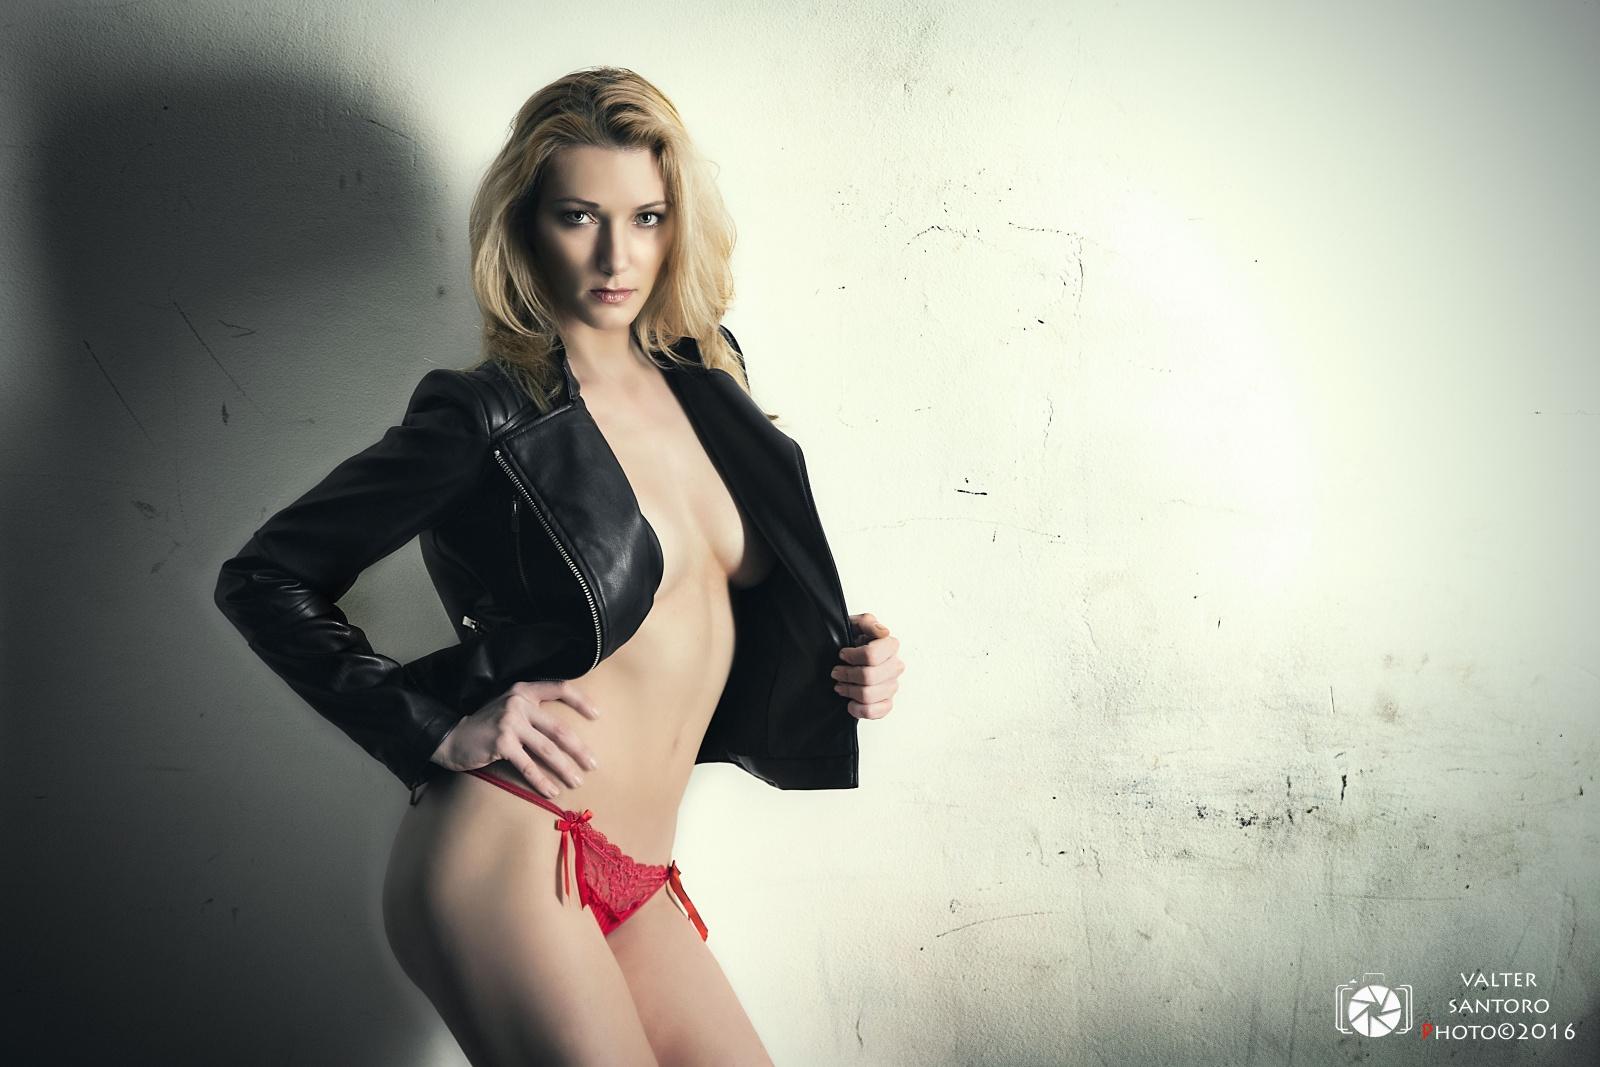 Karmela Žigovà